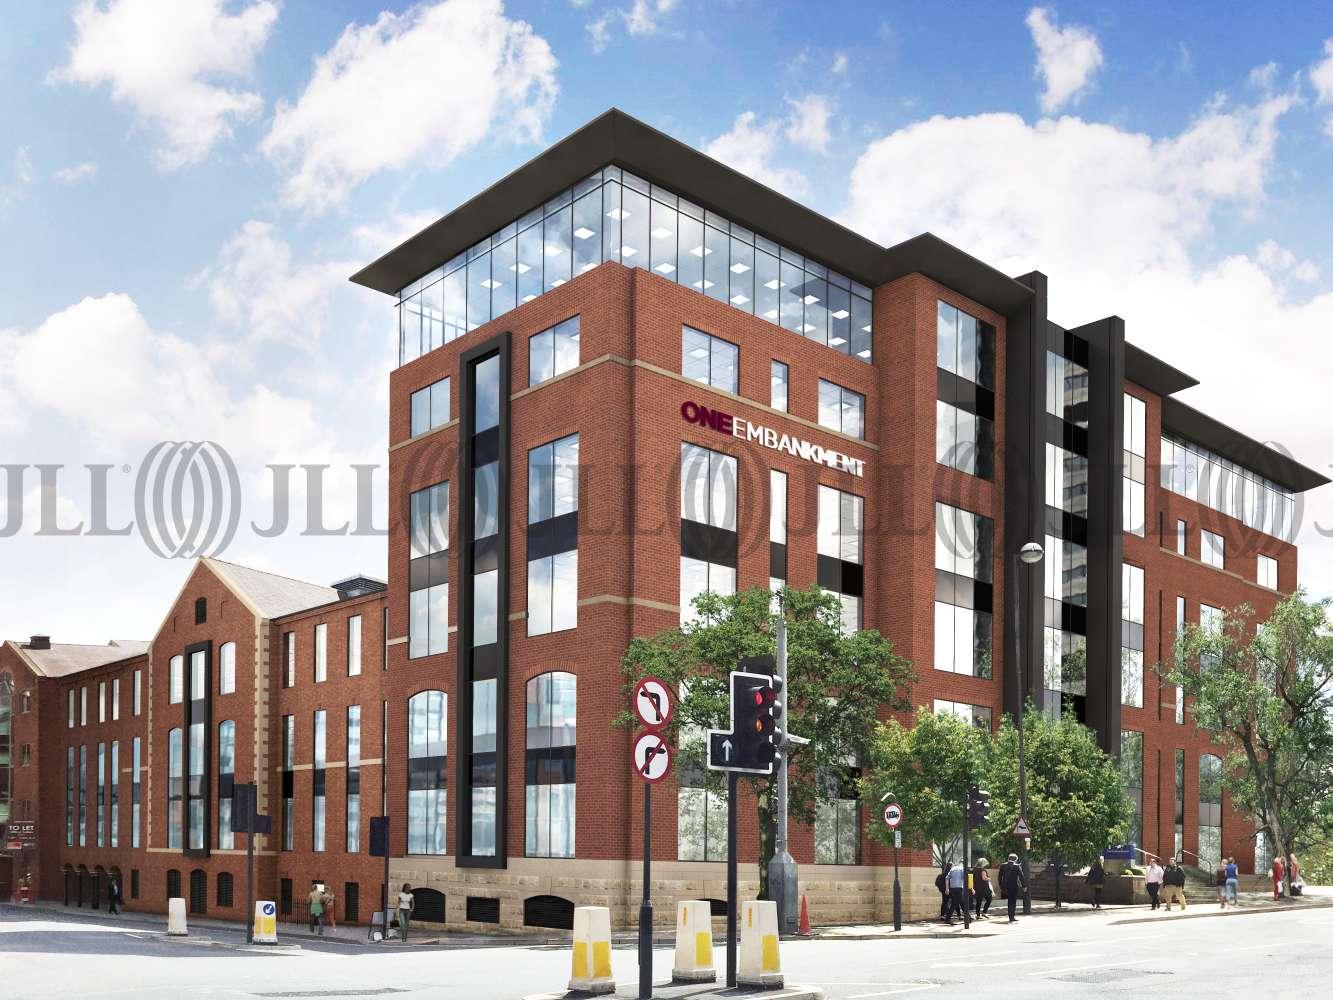 Office Leeds, LS1 4HW - No 1 The Embankment - 3